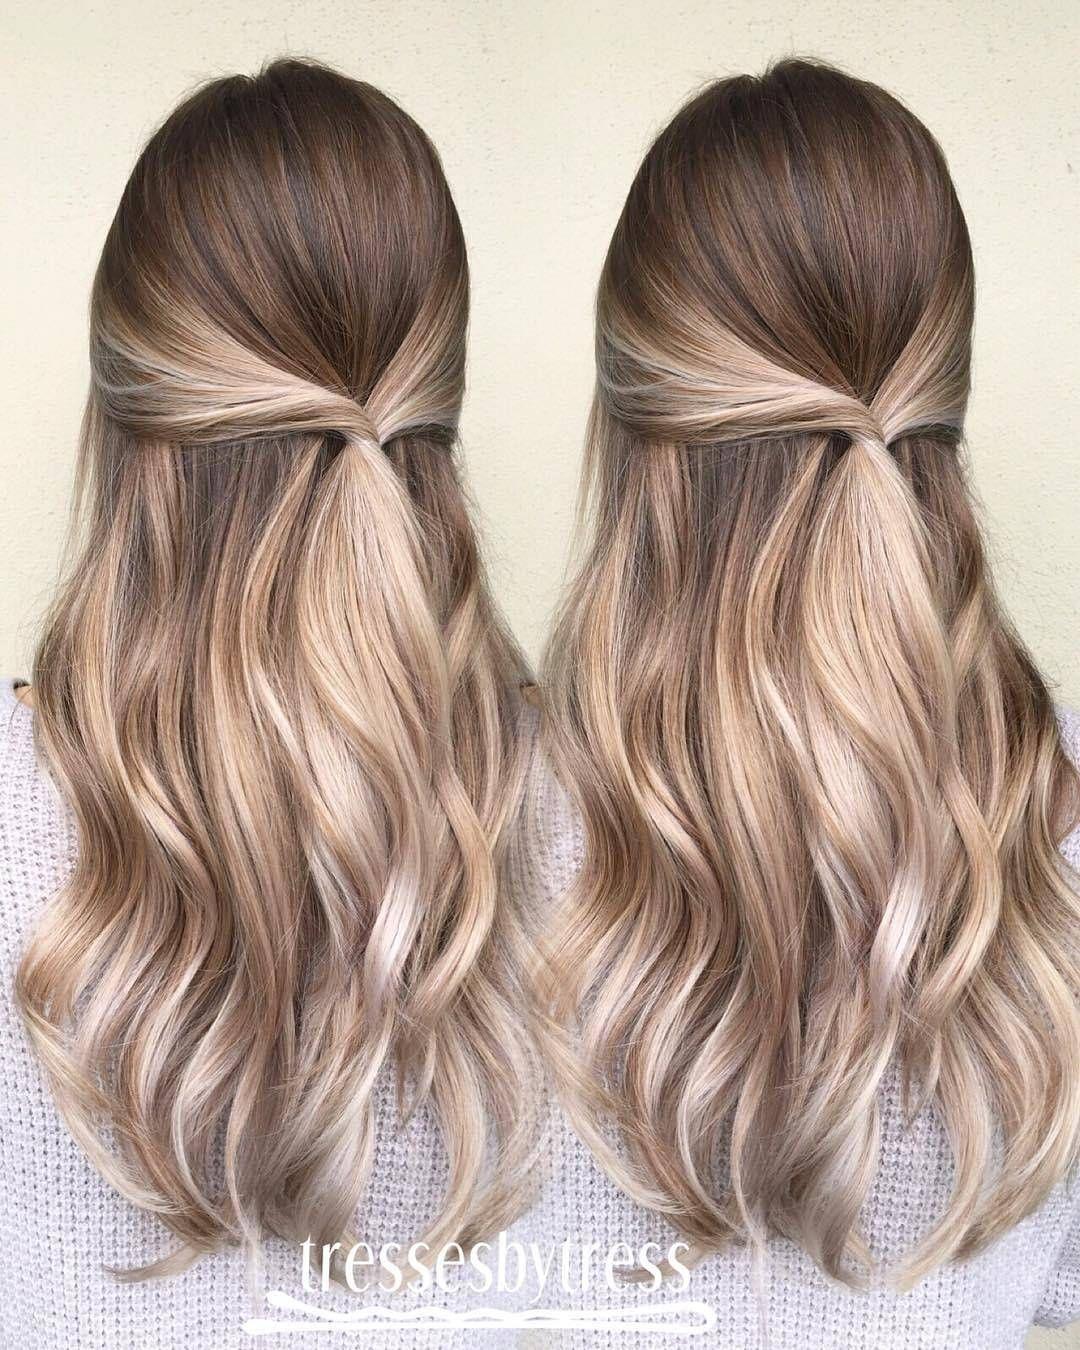 blonde brown caramel balayage haarfarbe ideen die sie nicht verpassen sollten frisuren. Black Bedroom Furniture Sets. Home Design Ideas